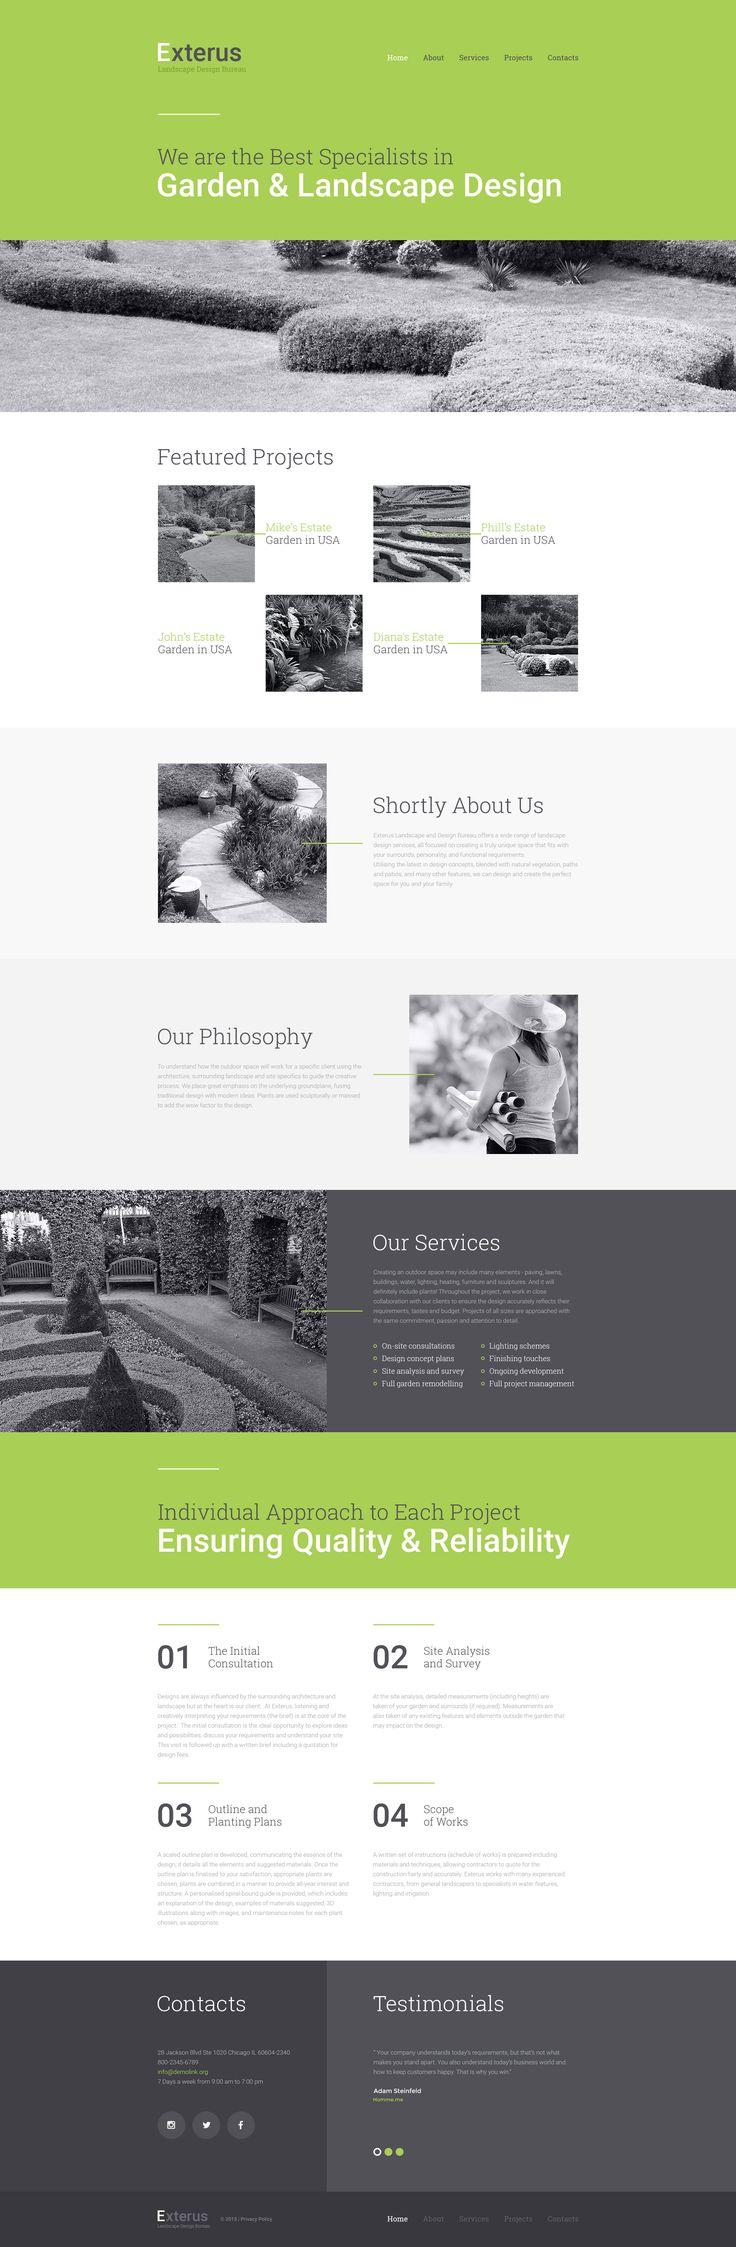 Exterior Design Website HTML  Template http://www.templatemonster.com/website-templates/57797.html